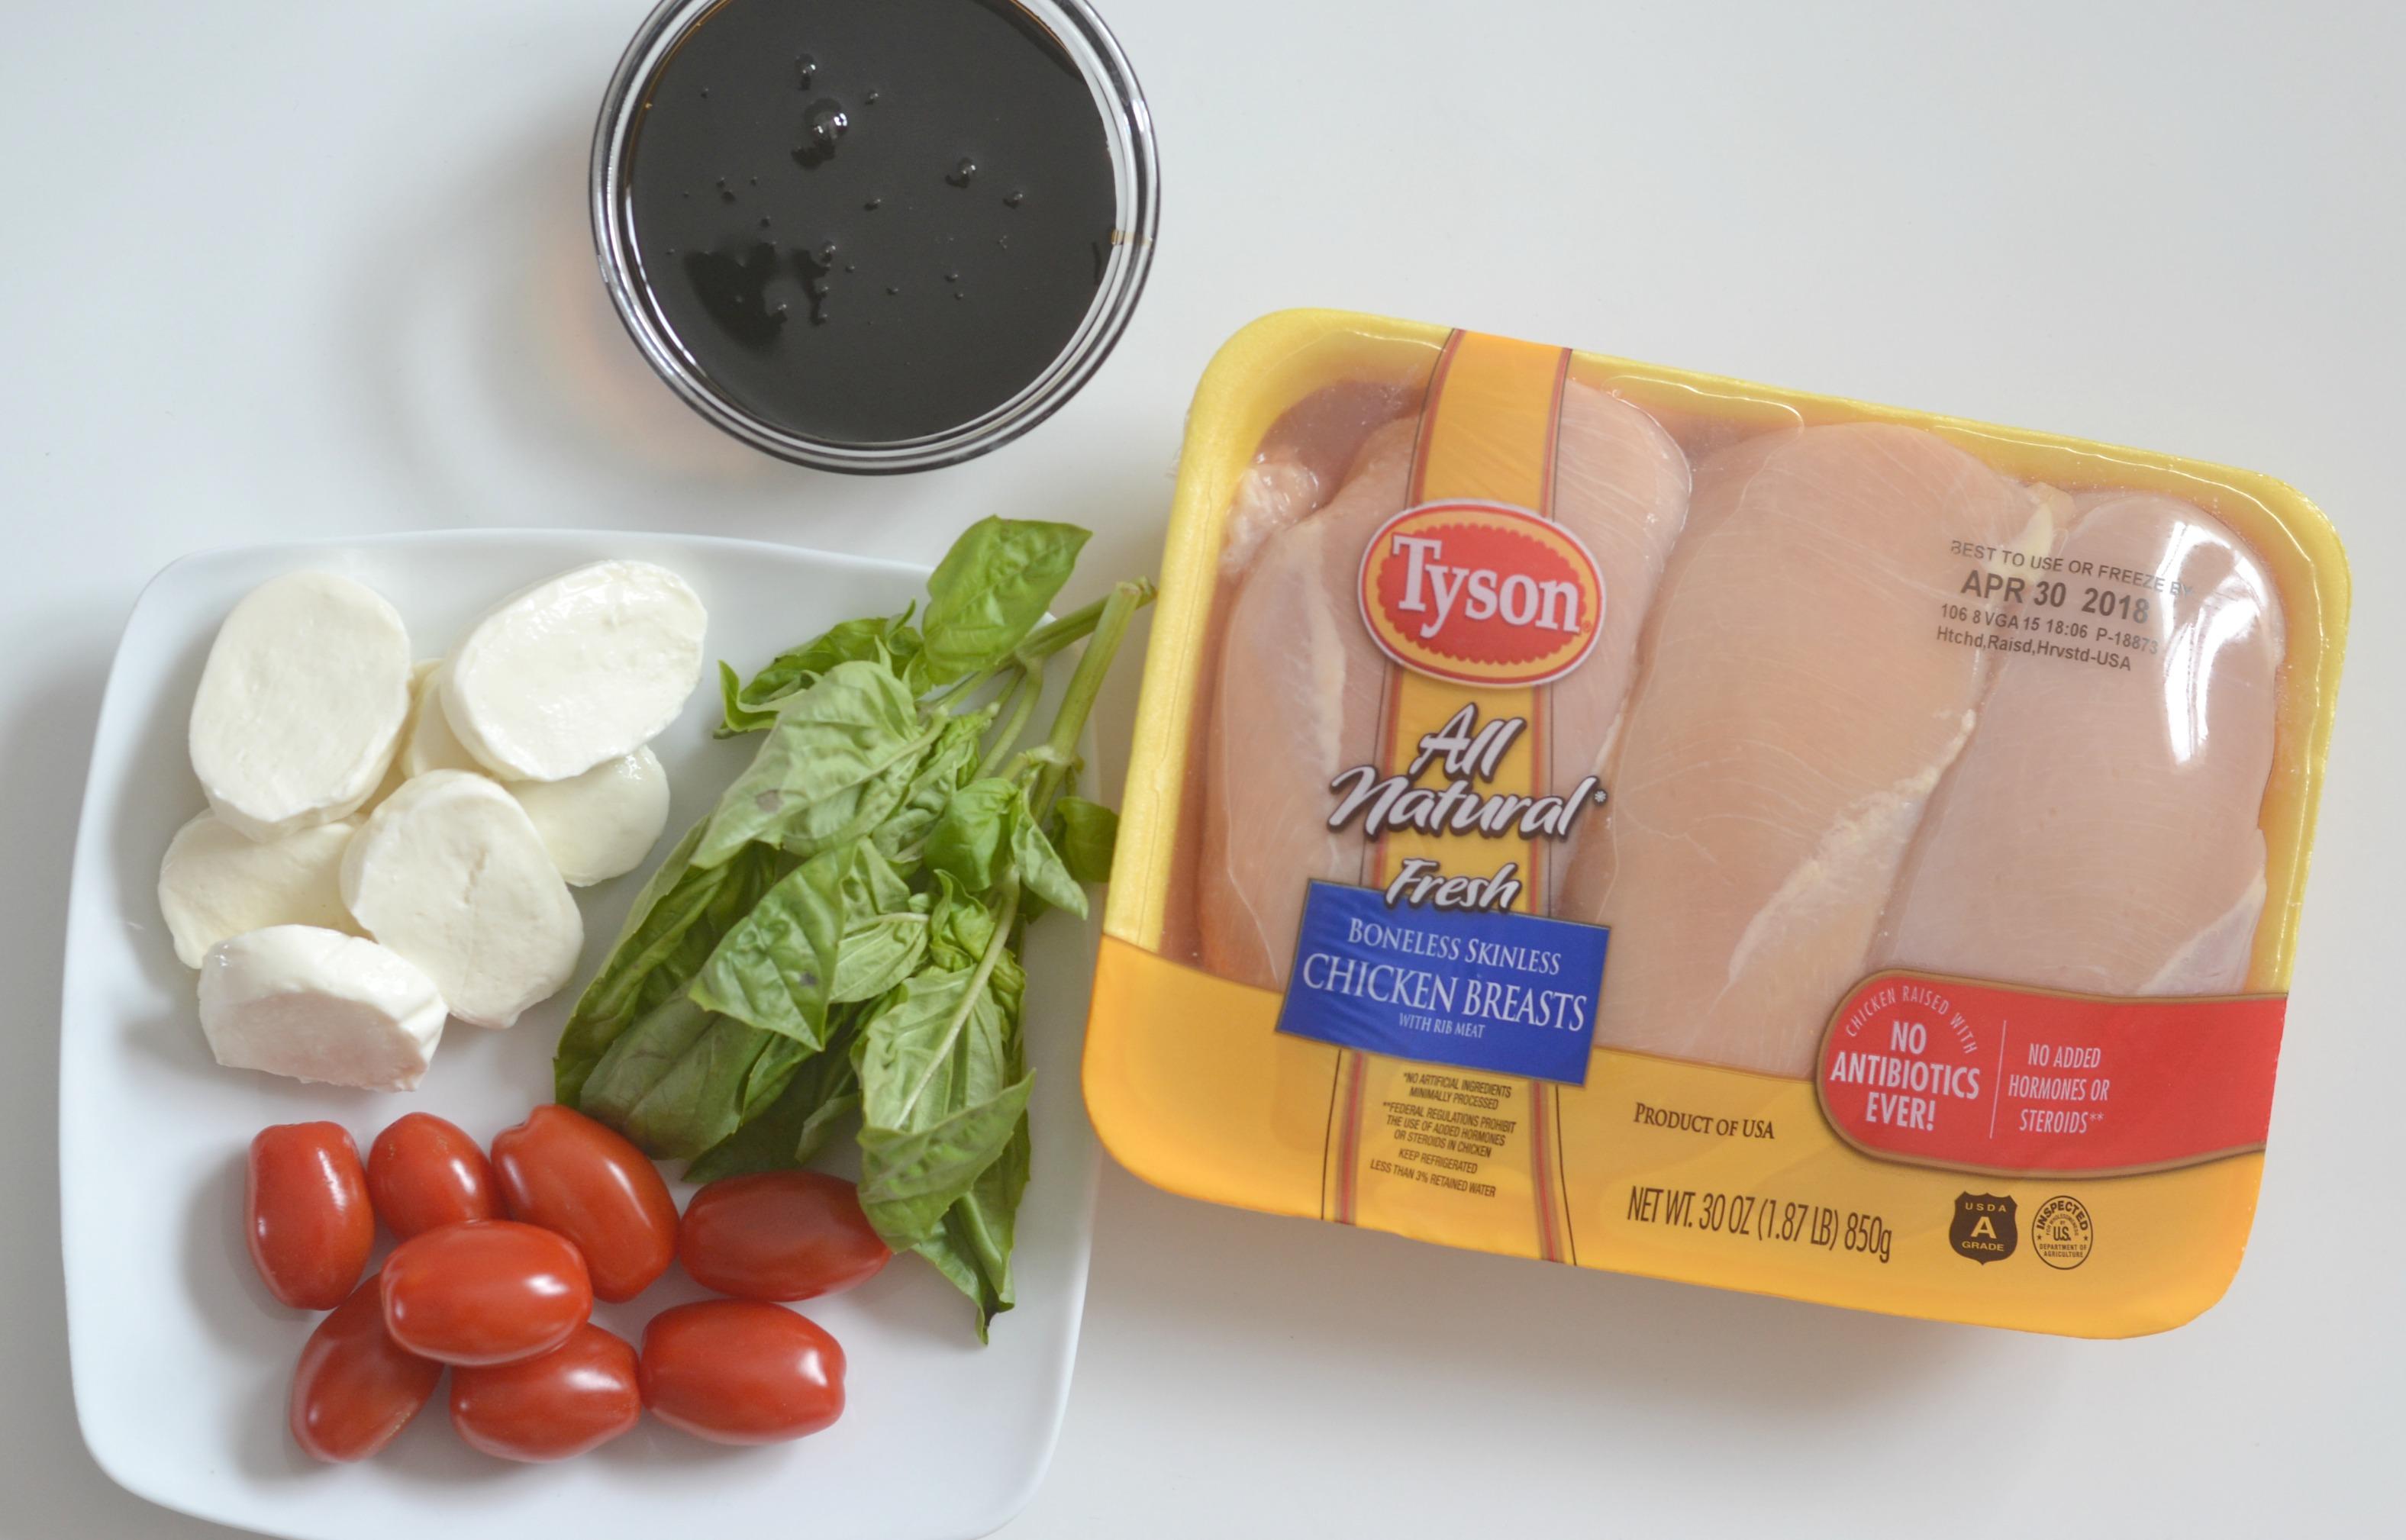 Grilled Chicken Caprese, grilled chicken recipes, grilled chicken, chicken on the grill recipes, caprese recipes, fresh chicken recipes, summer recipes, summer chicken recipes, grilling recipes